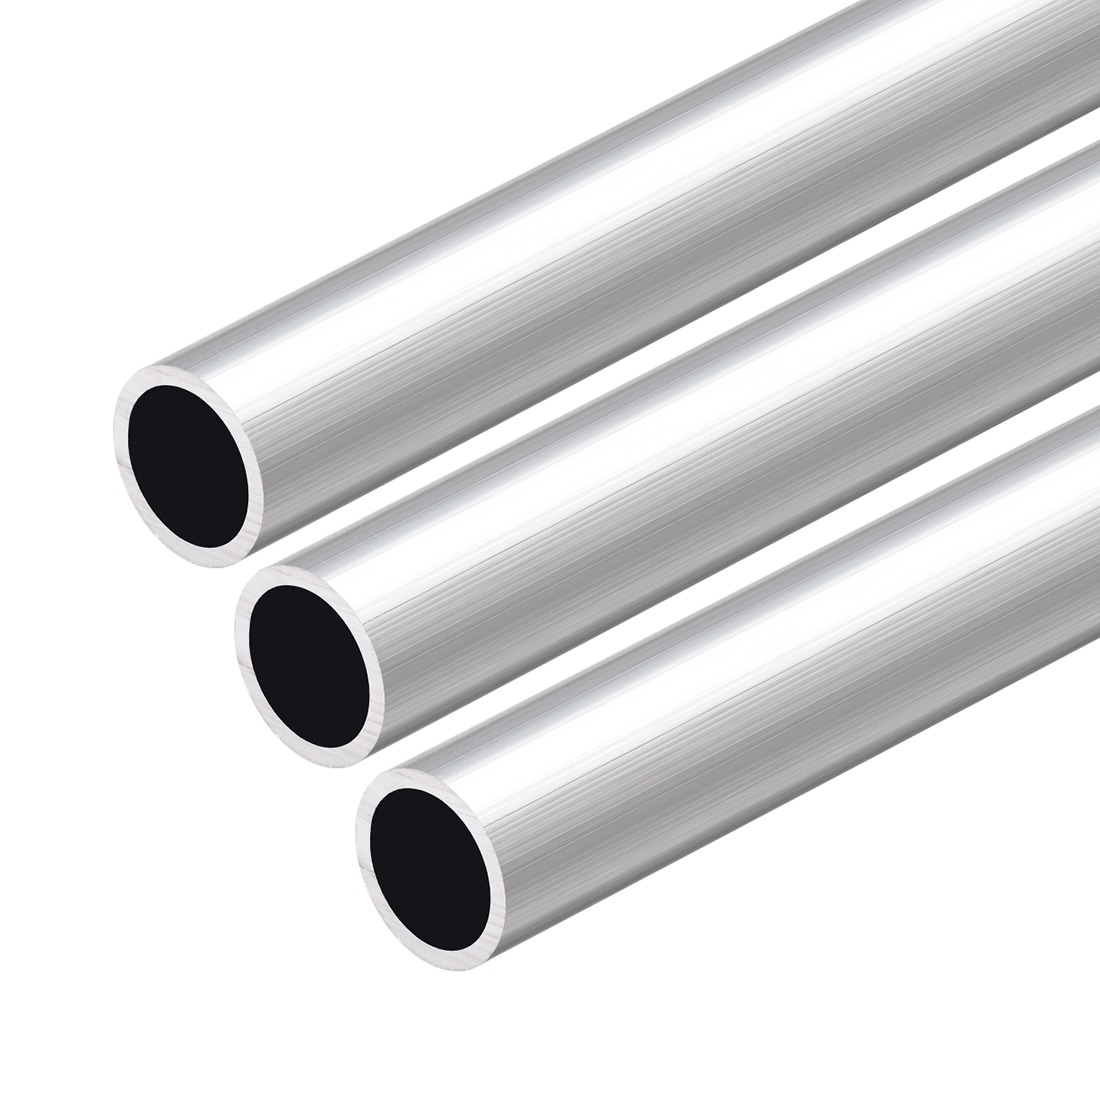 6063 Aluminum Round Tube 300mm Length 19mm OD 16mm Inner Dia Seamless Tube 3 Pcs